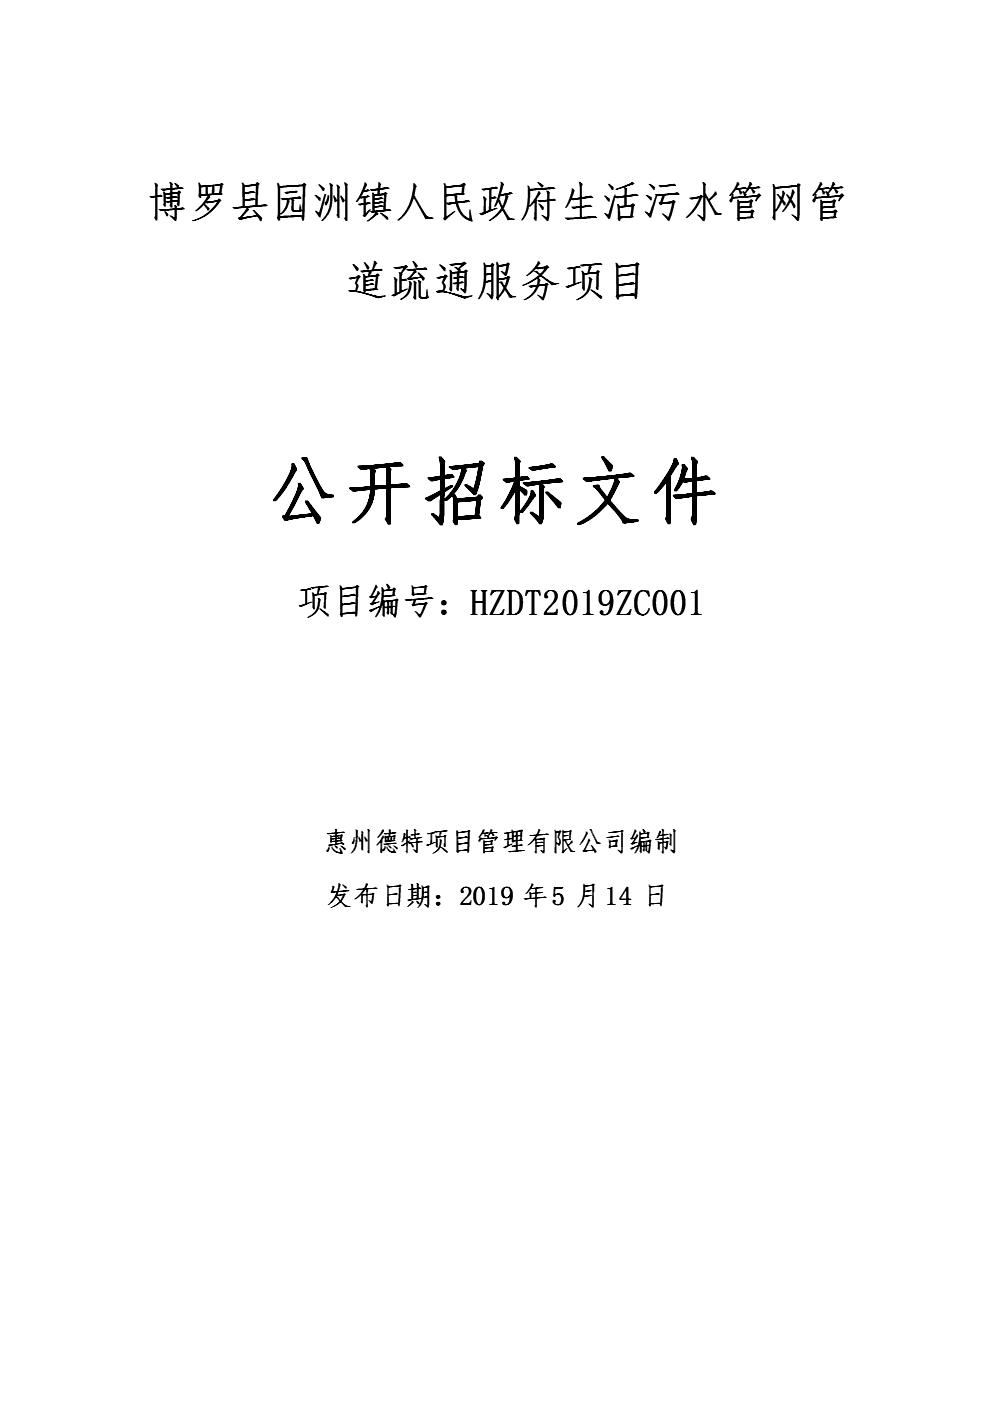 道疏通服务项目.docx